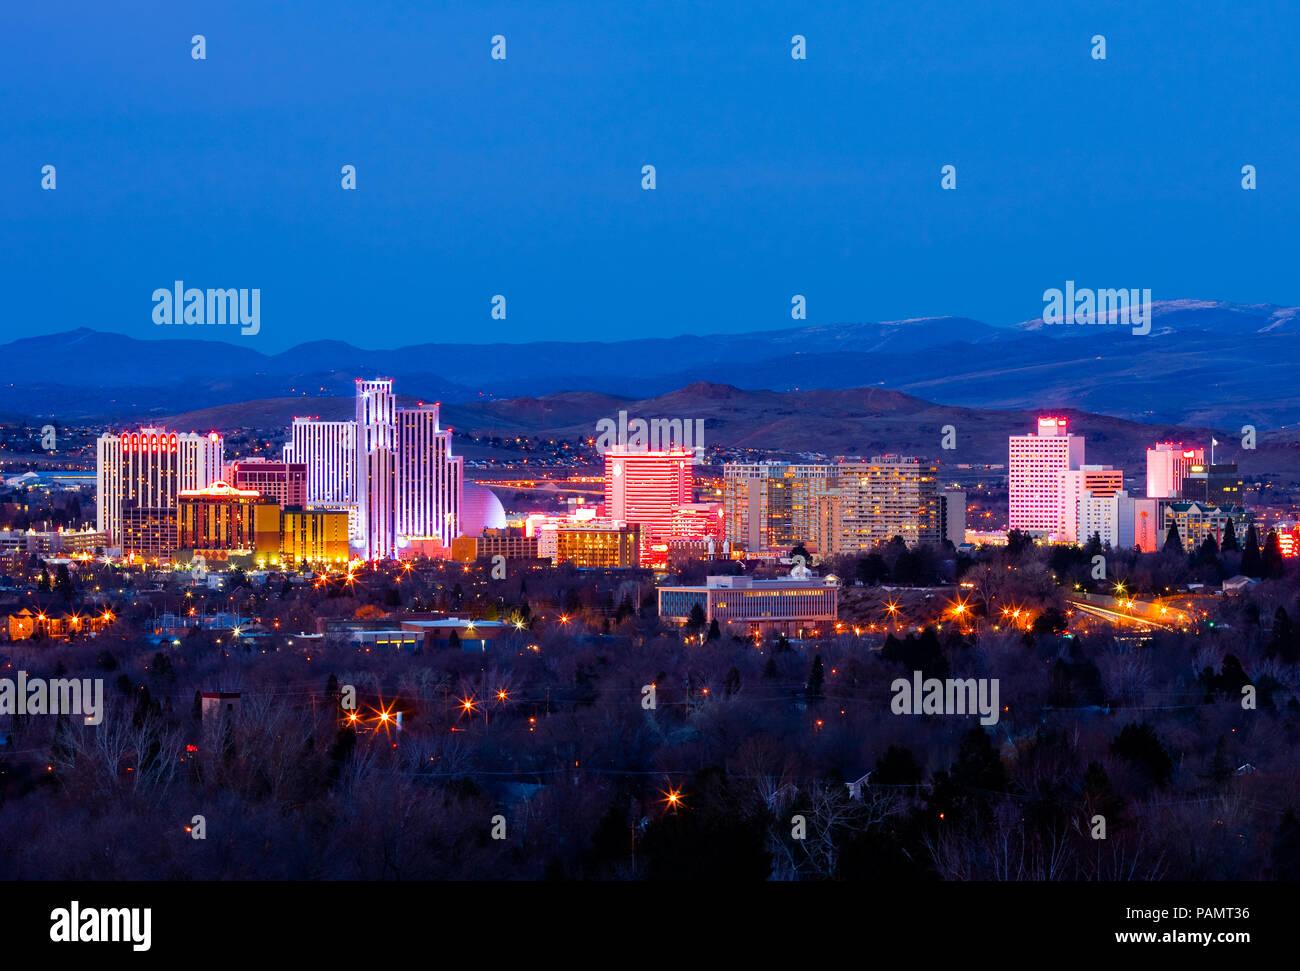 Reno Nevada at night - Stock Image